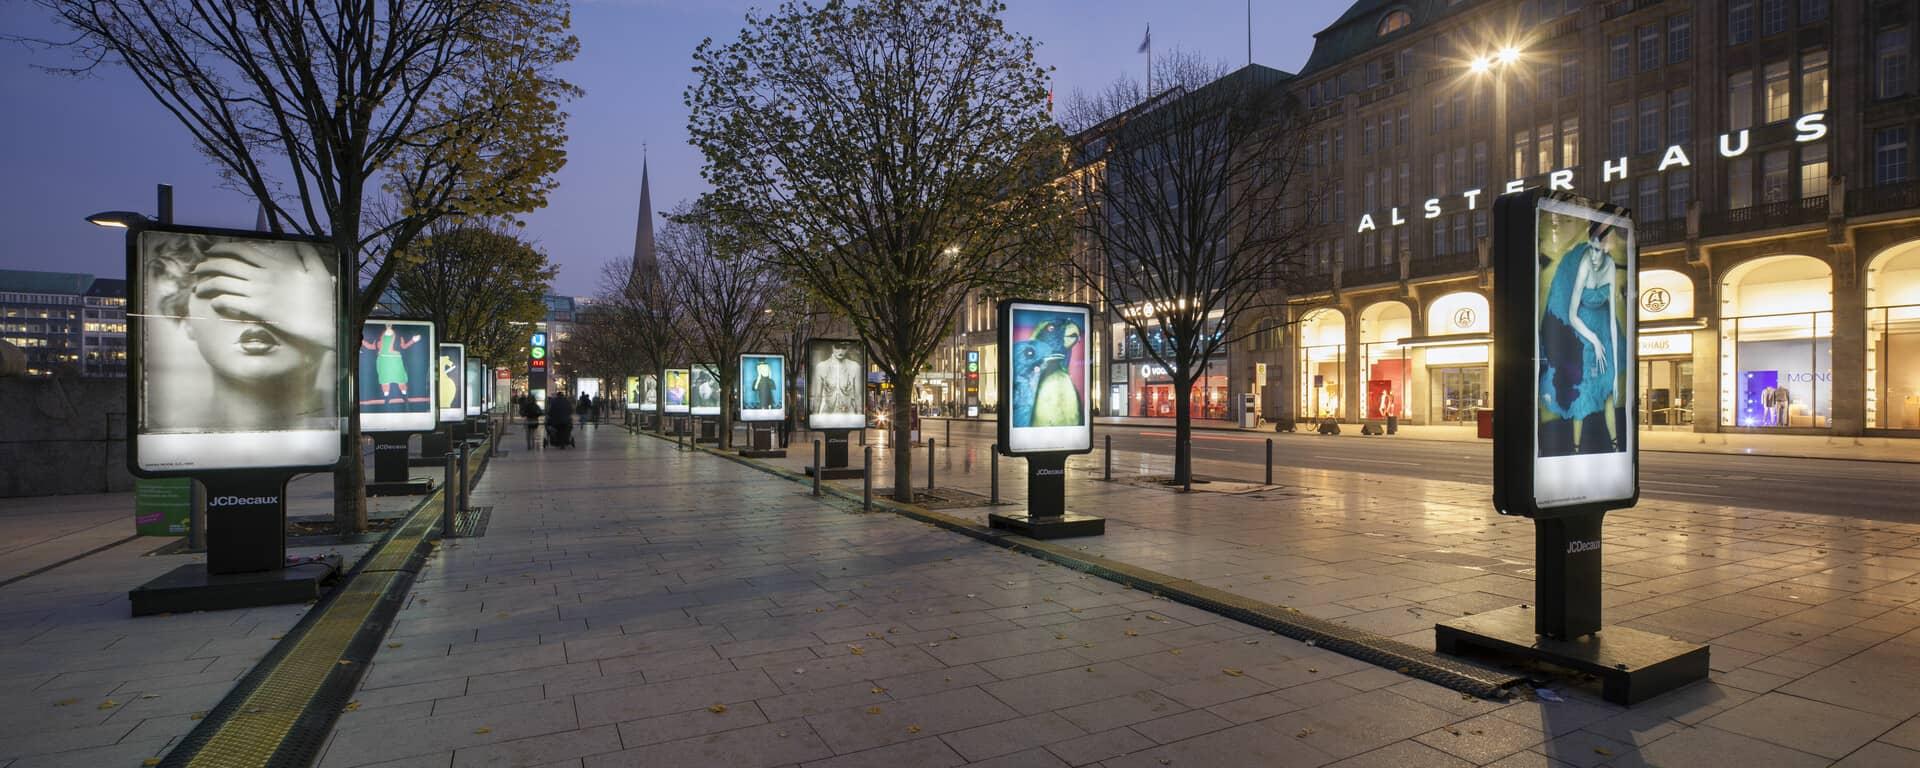 Galerie am Jungfernstieg - Foto: Mediaserver Hamburg - Deichtorhallen